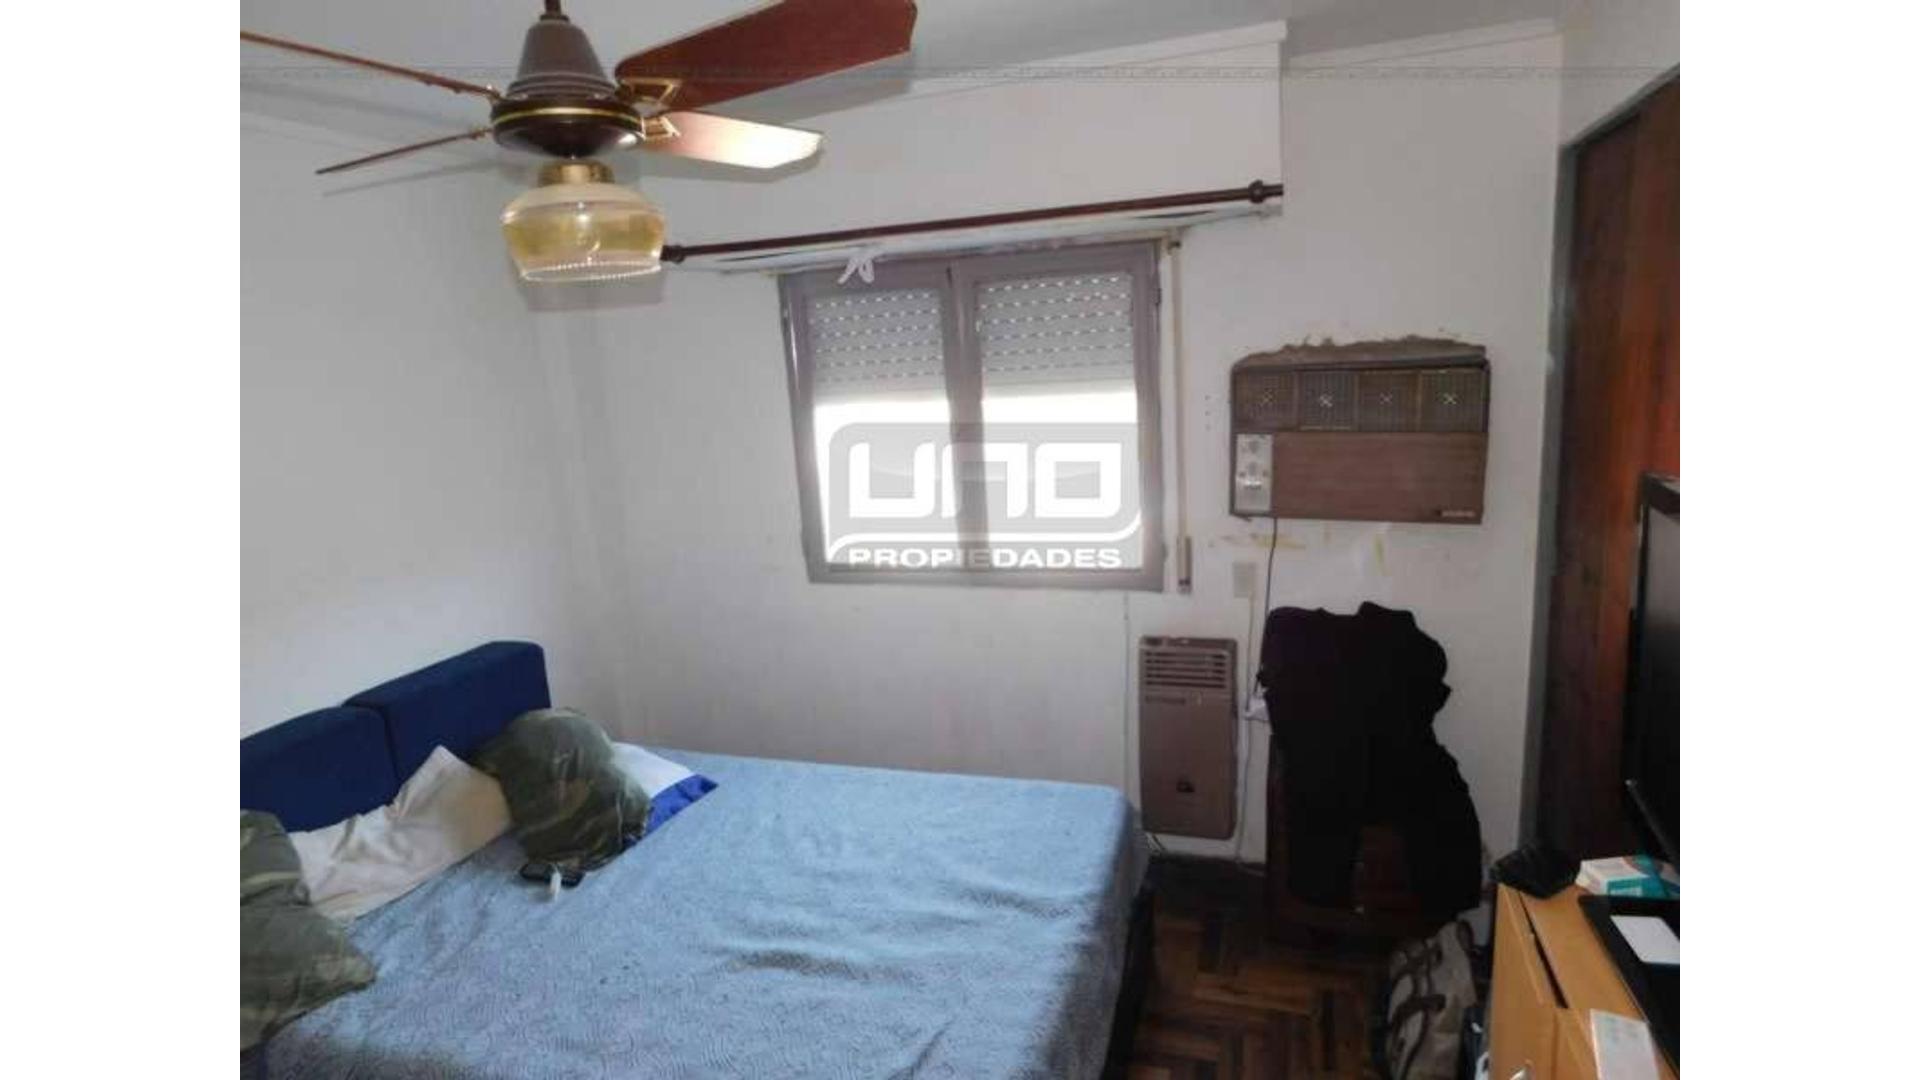 Urquiza y Pueyrredon - Dpto de 2 Dormitorios. Vende Uno Propiedades